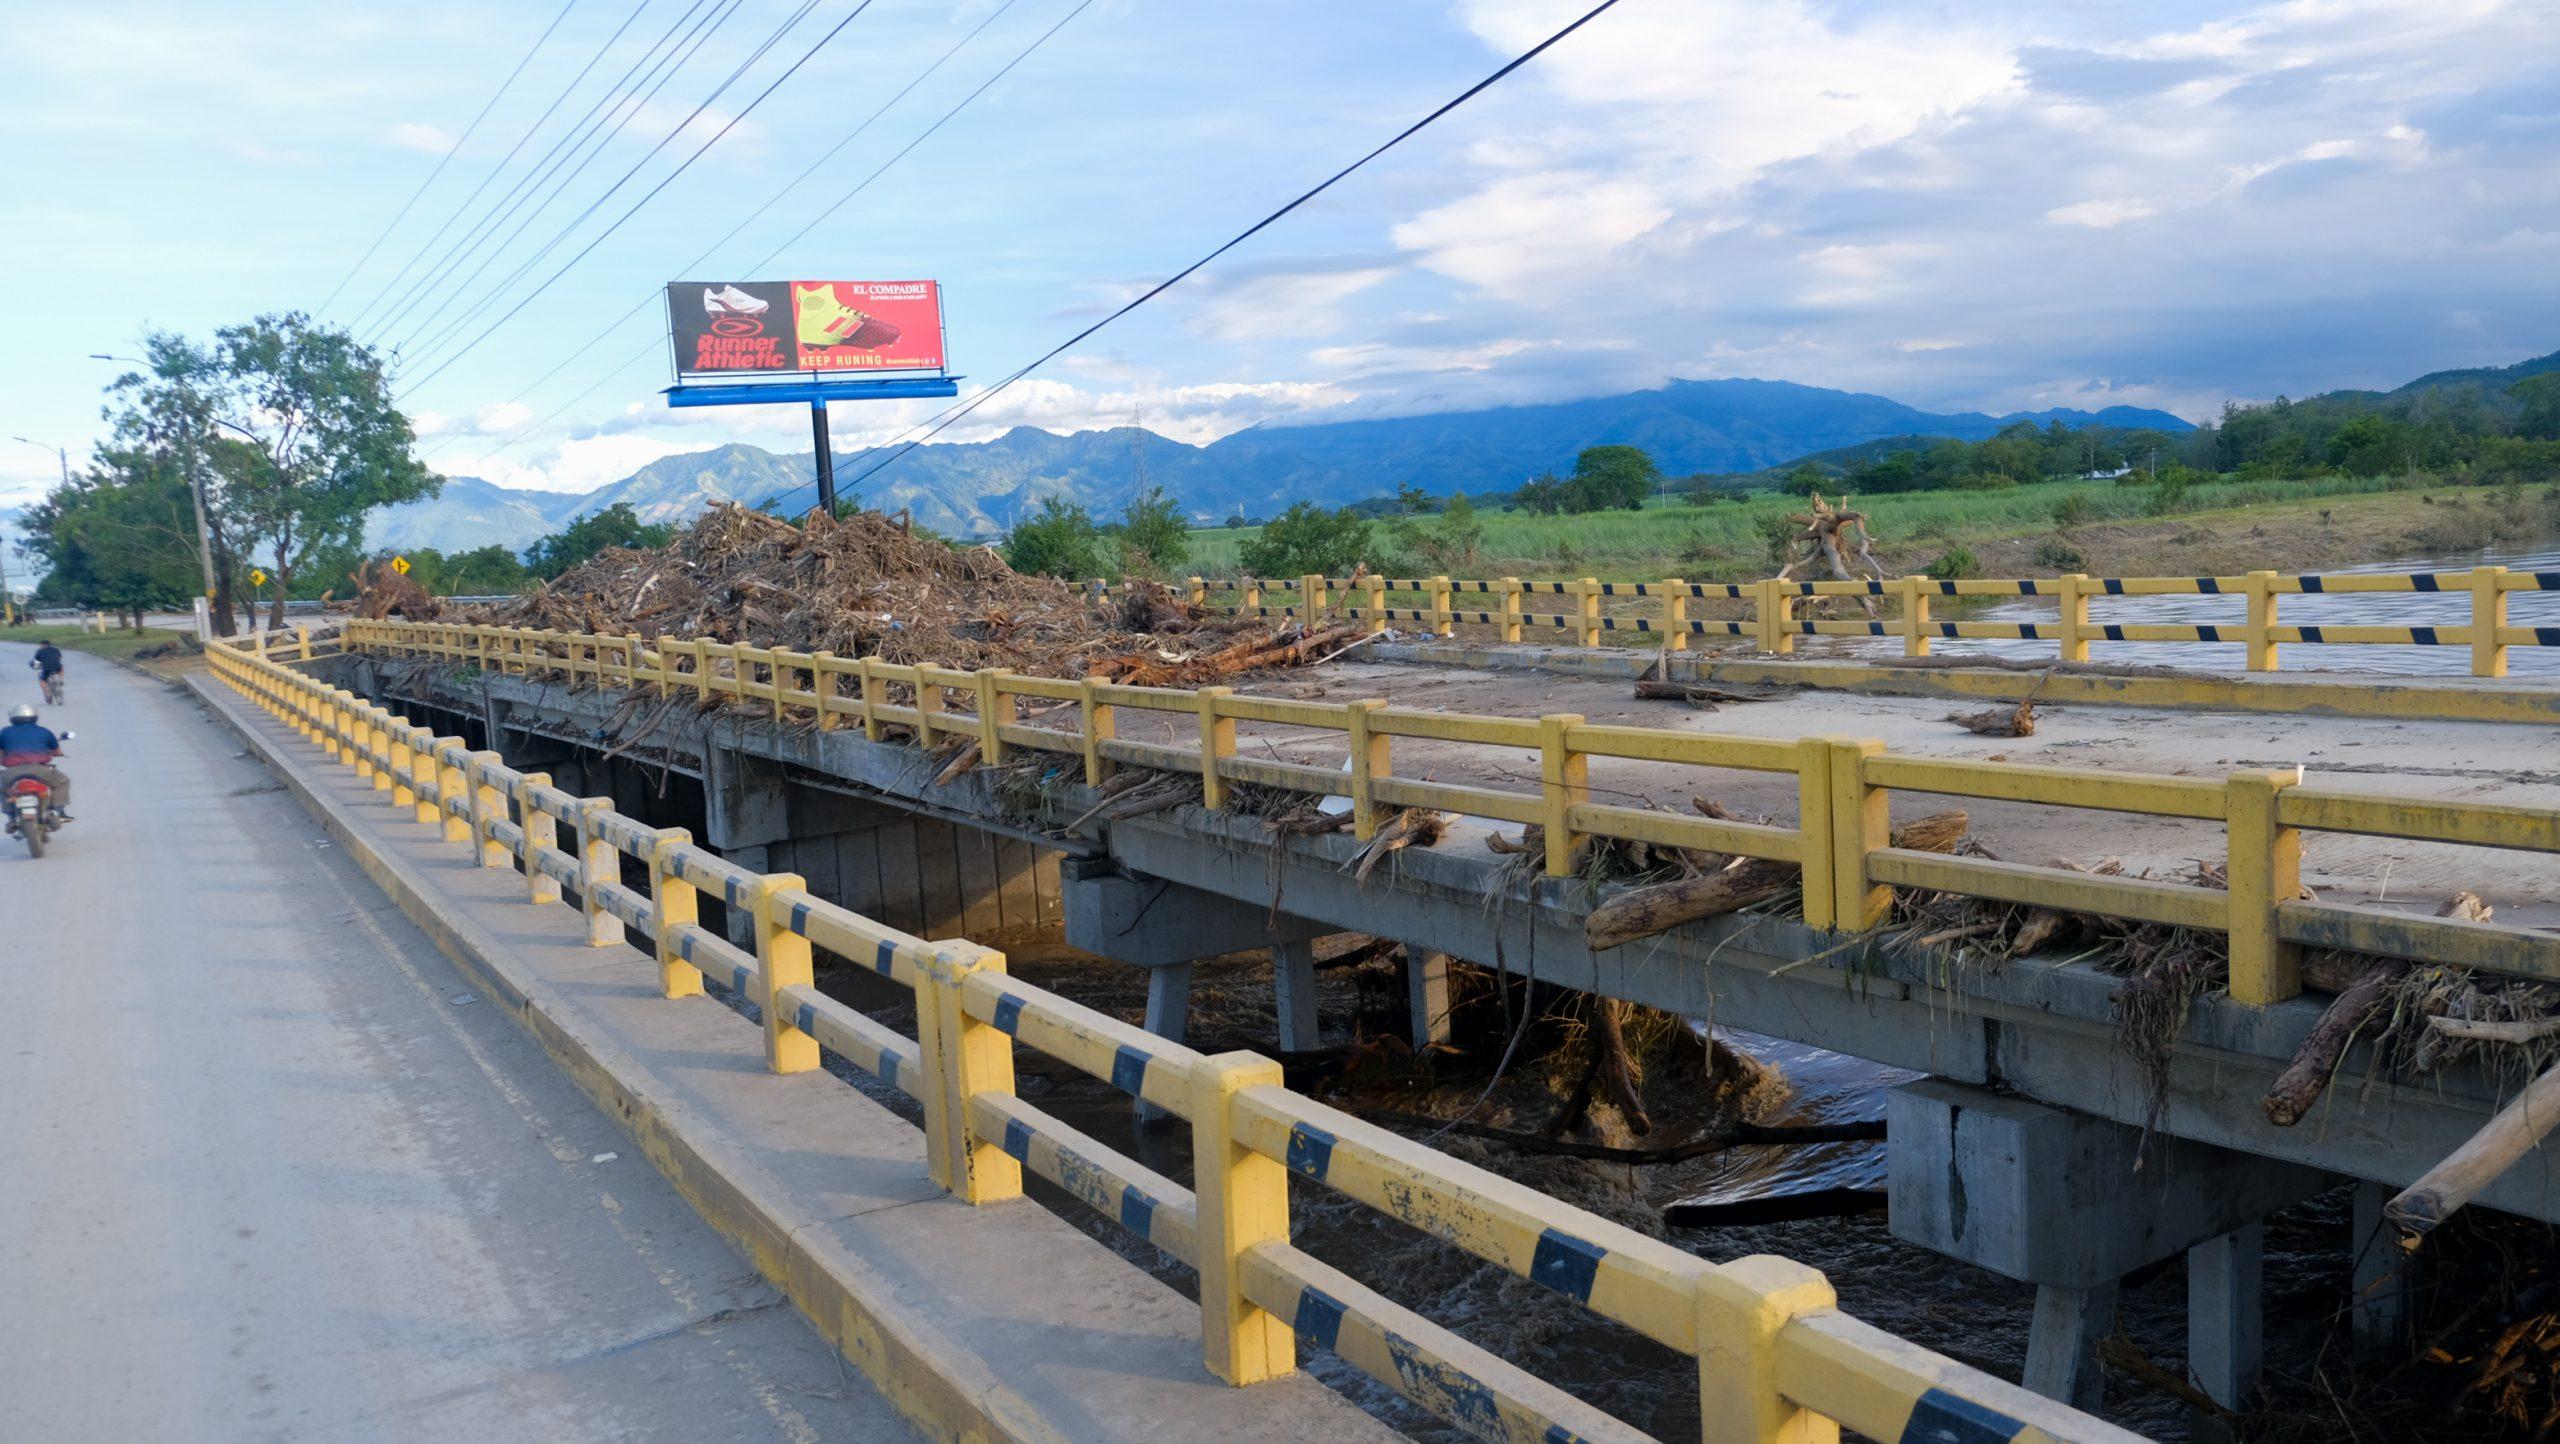 Un enorme promontorio de basura quedó sobre el puente del canal Maya, la estructura deberá ser evaluada por expertos. La Lima, Cortés, 7 de noviembre de 2020. Foto: Deiby Yanes.